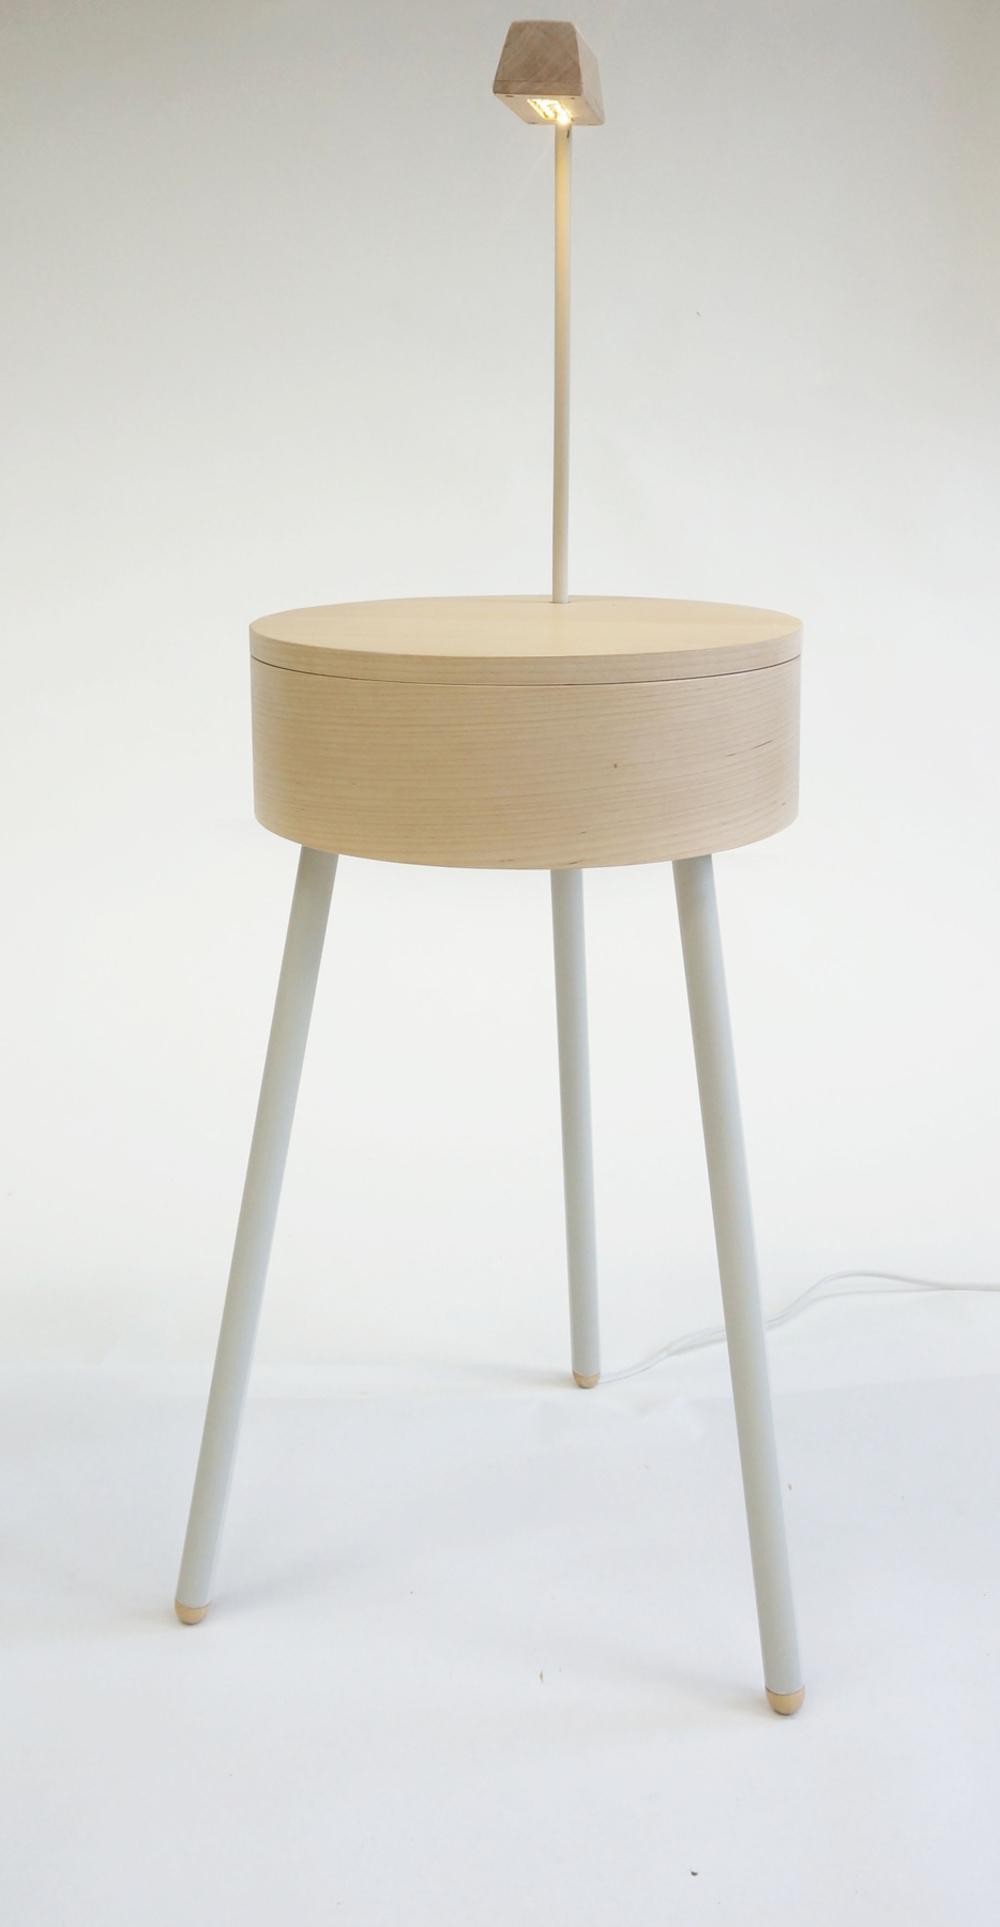 Dackelid Form - Nattygsbordet har en ren design med dold förvaring och en läslampa